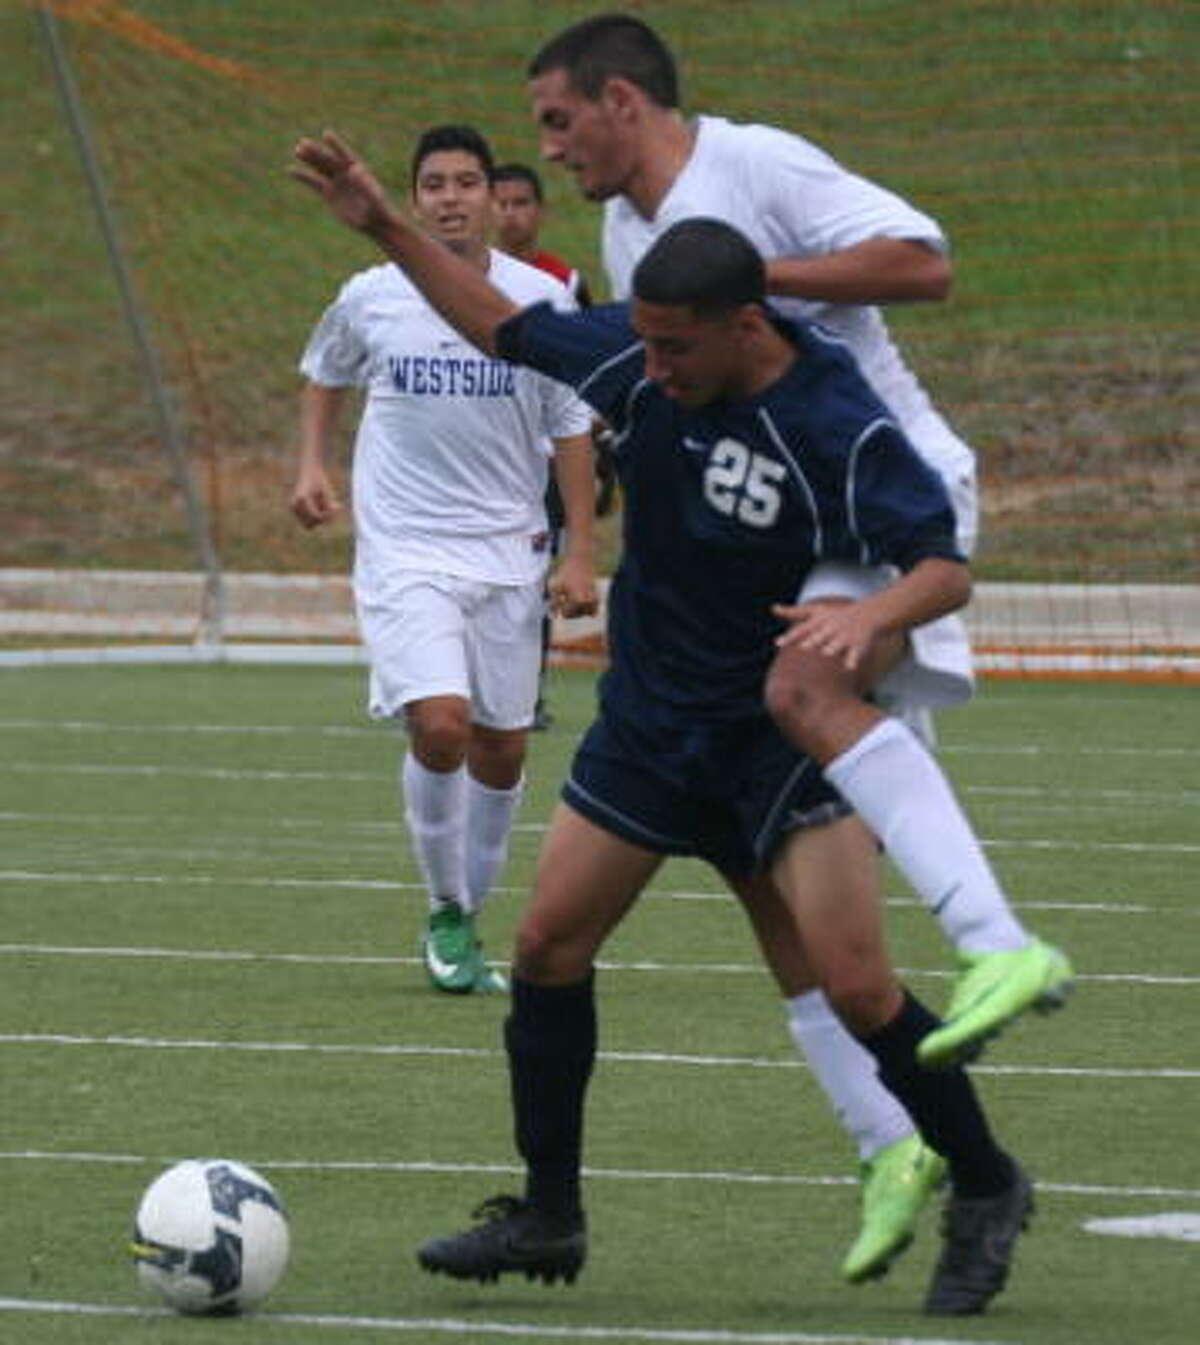 Aldine's Jairo Aguilar (25) fights off a Westside defender.